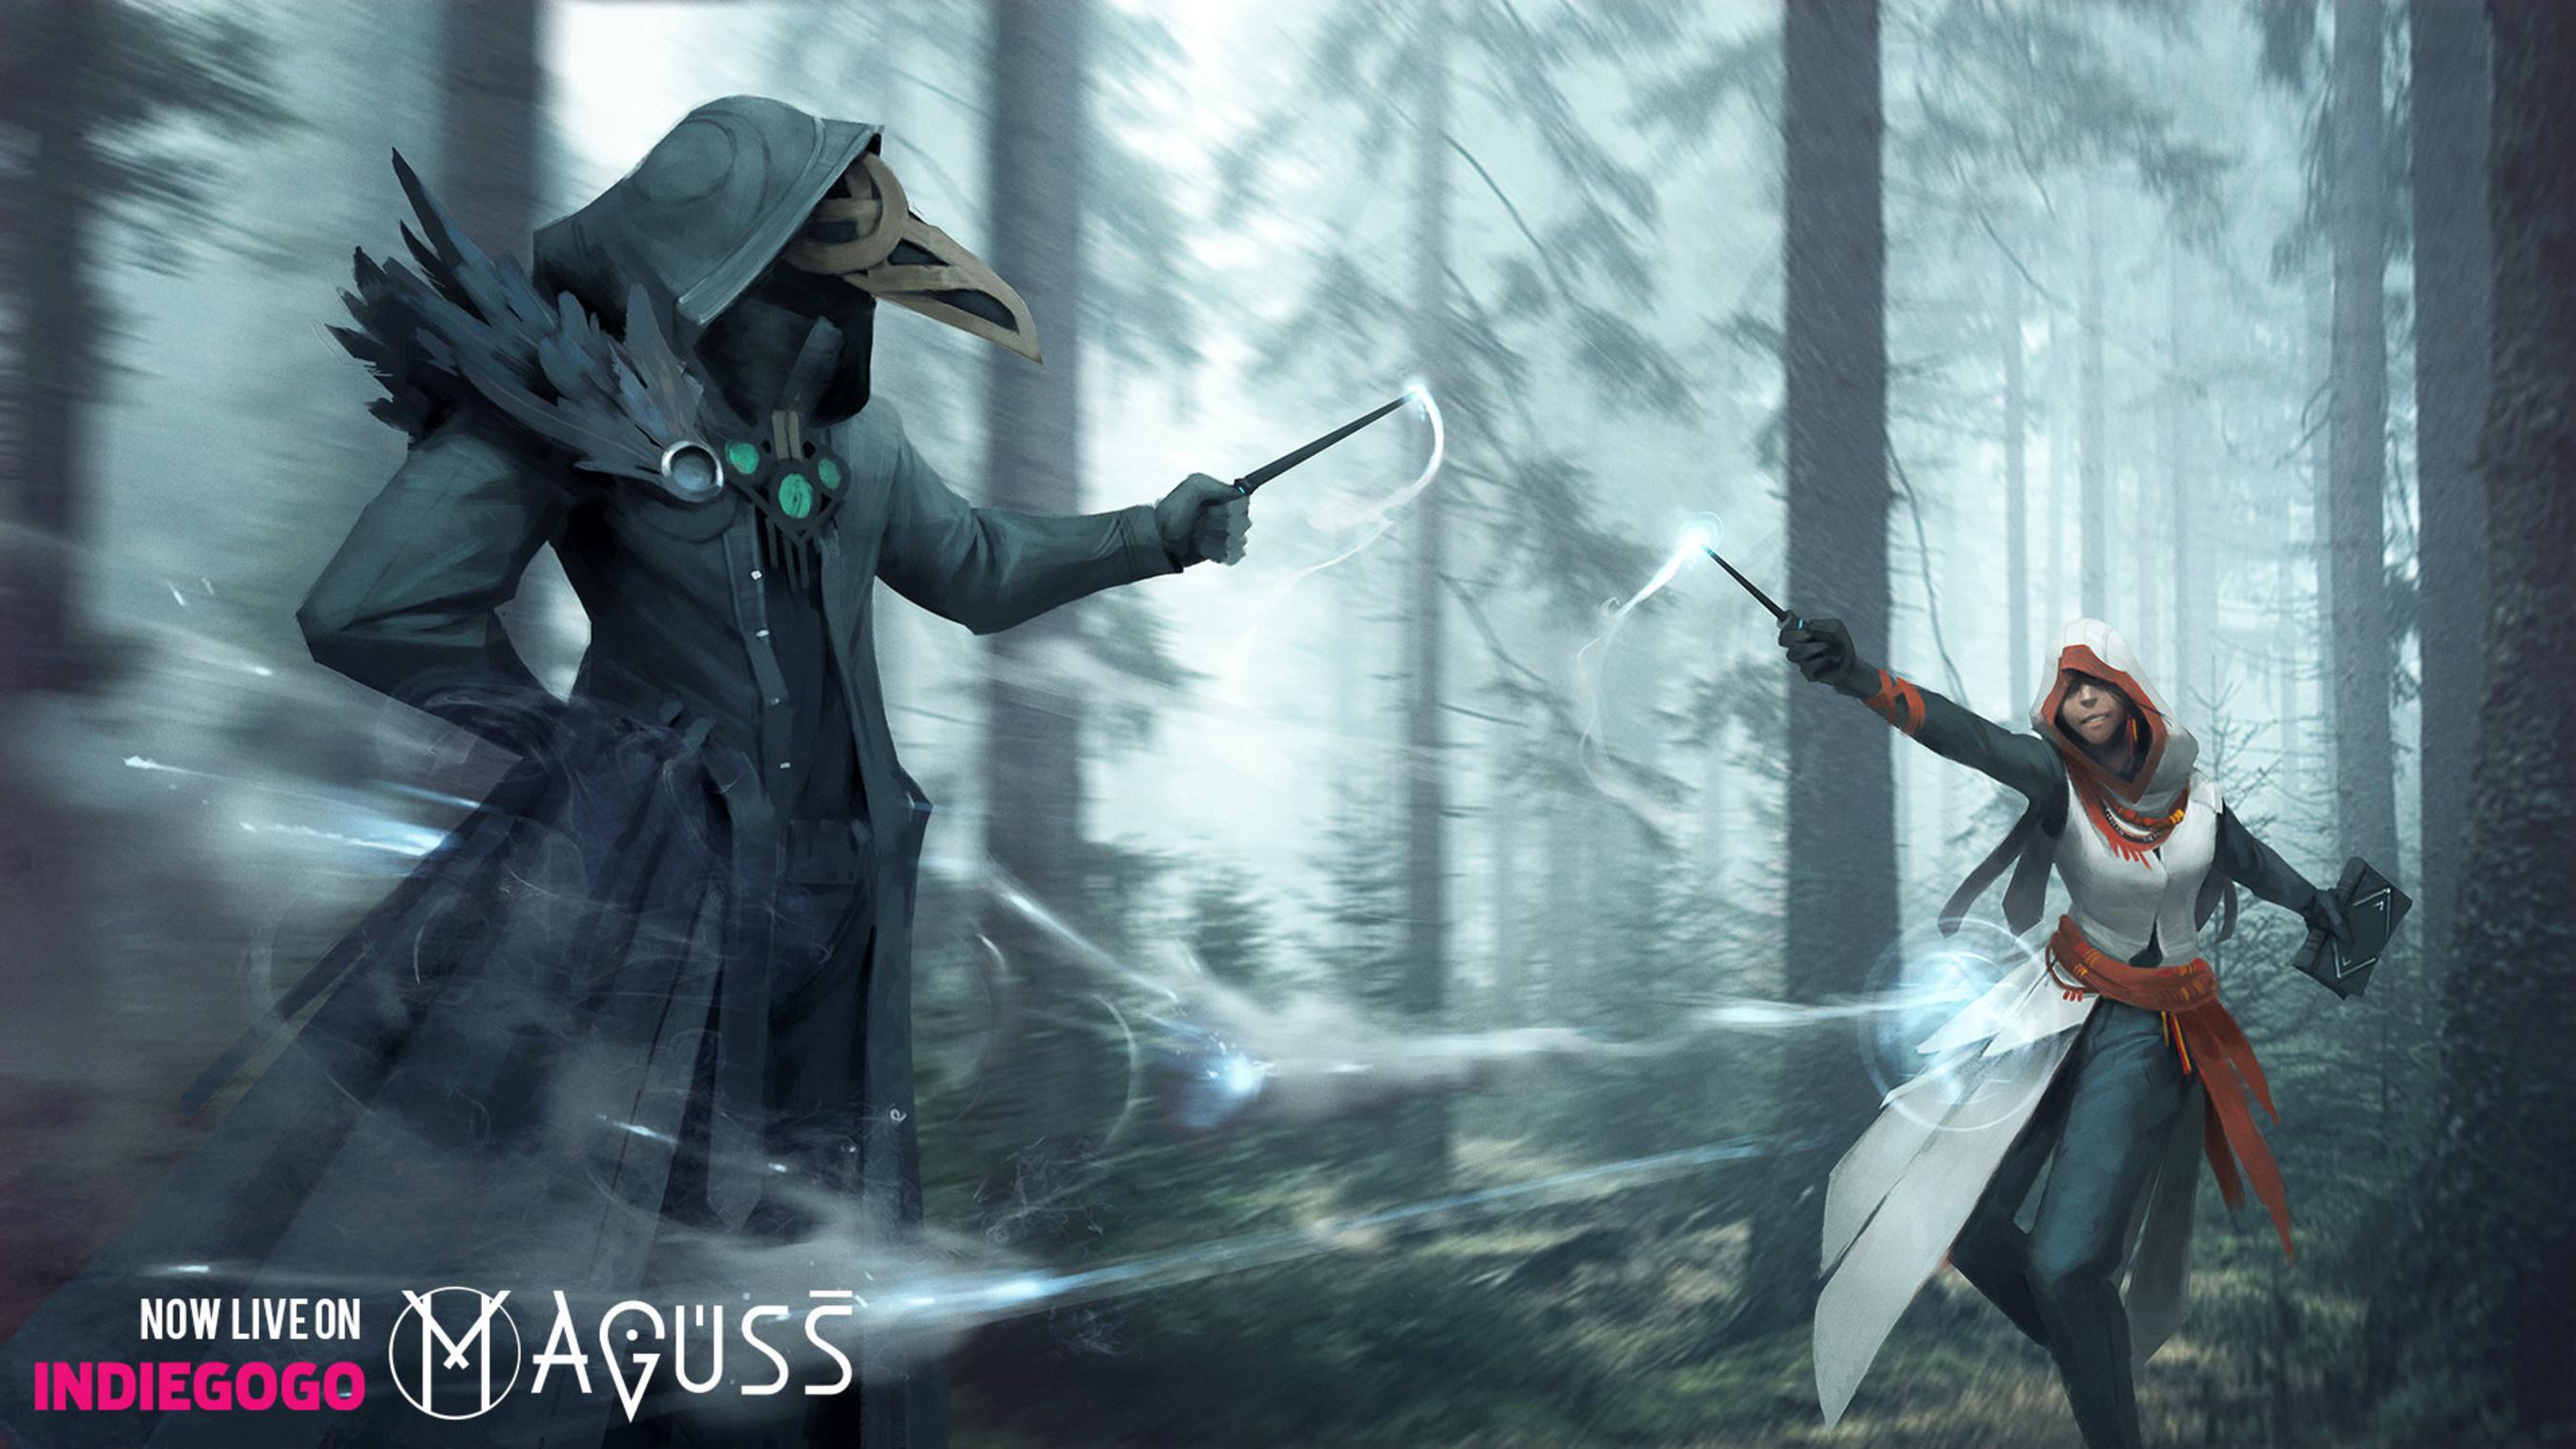 Maguss Keyart - AR wizarding mobile MMORPG battle